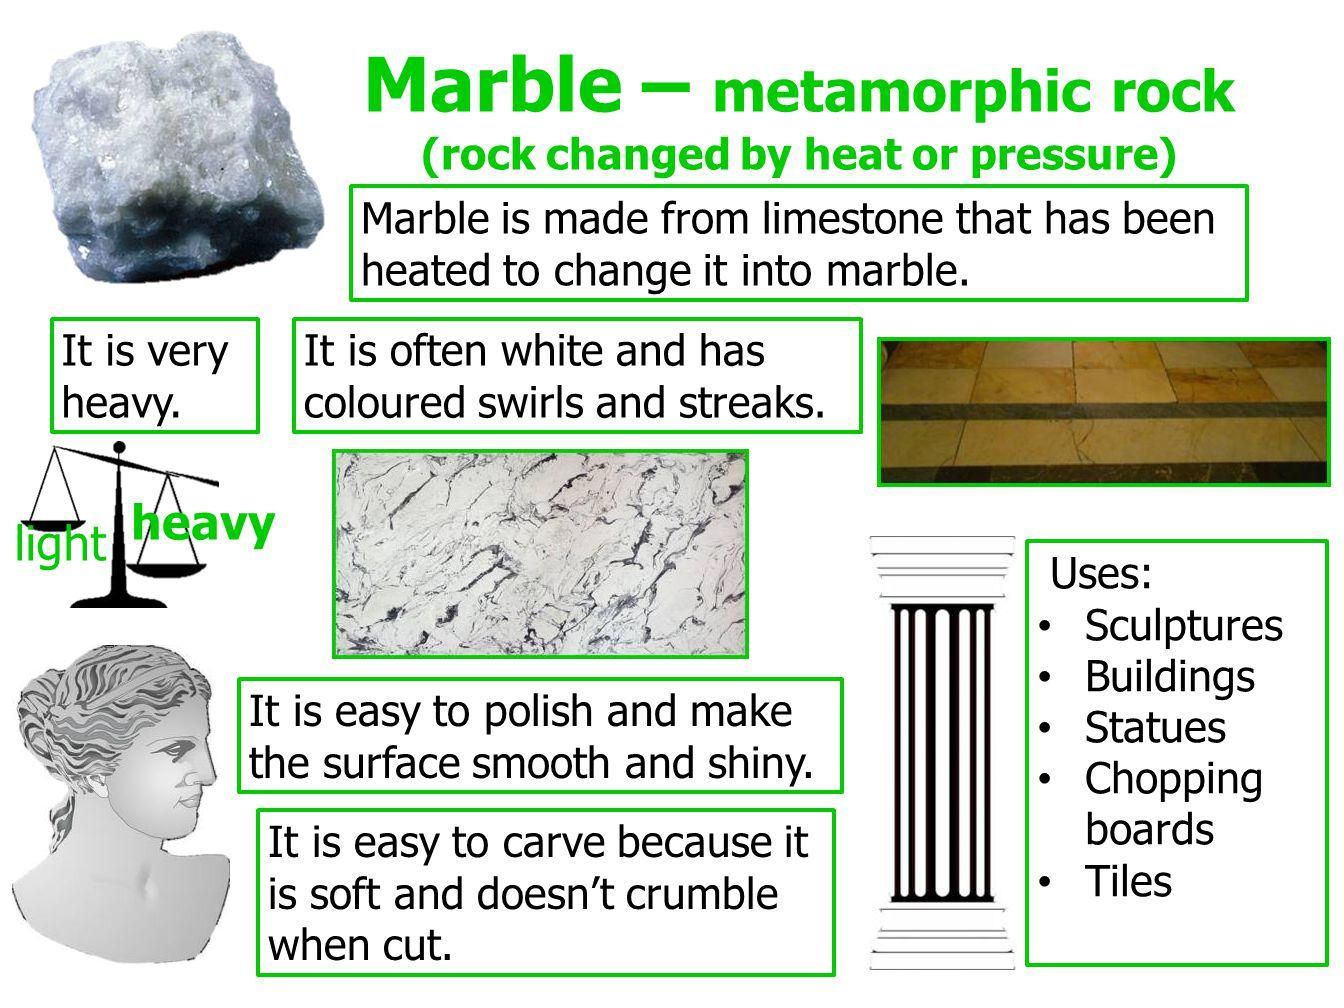 Marble – metamorphic rock (rock changed by heat or pressure)